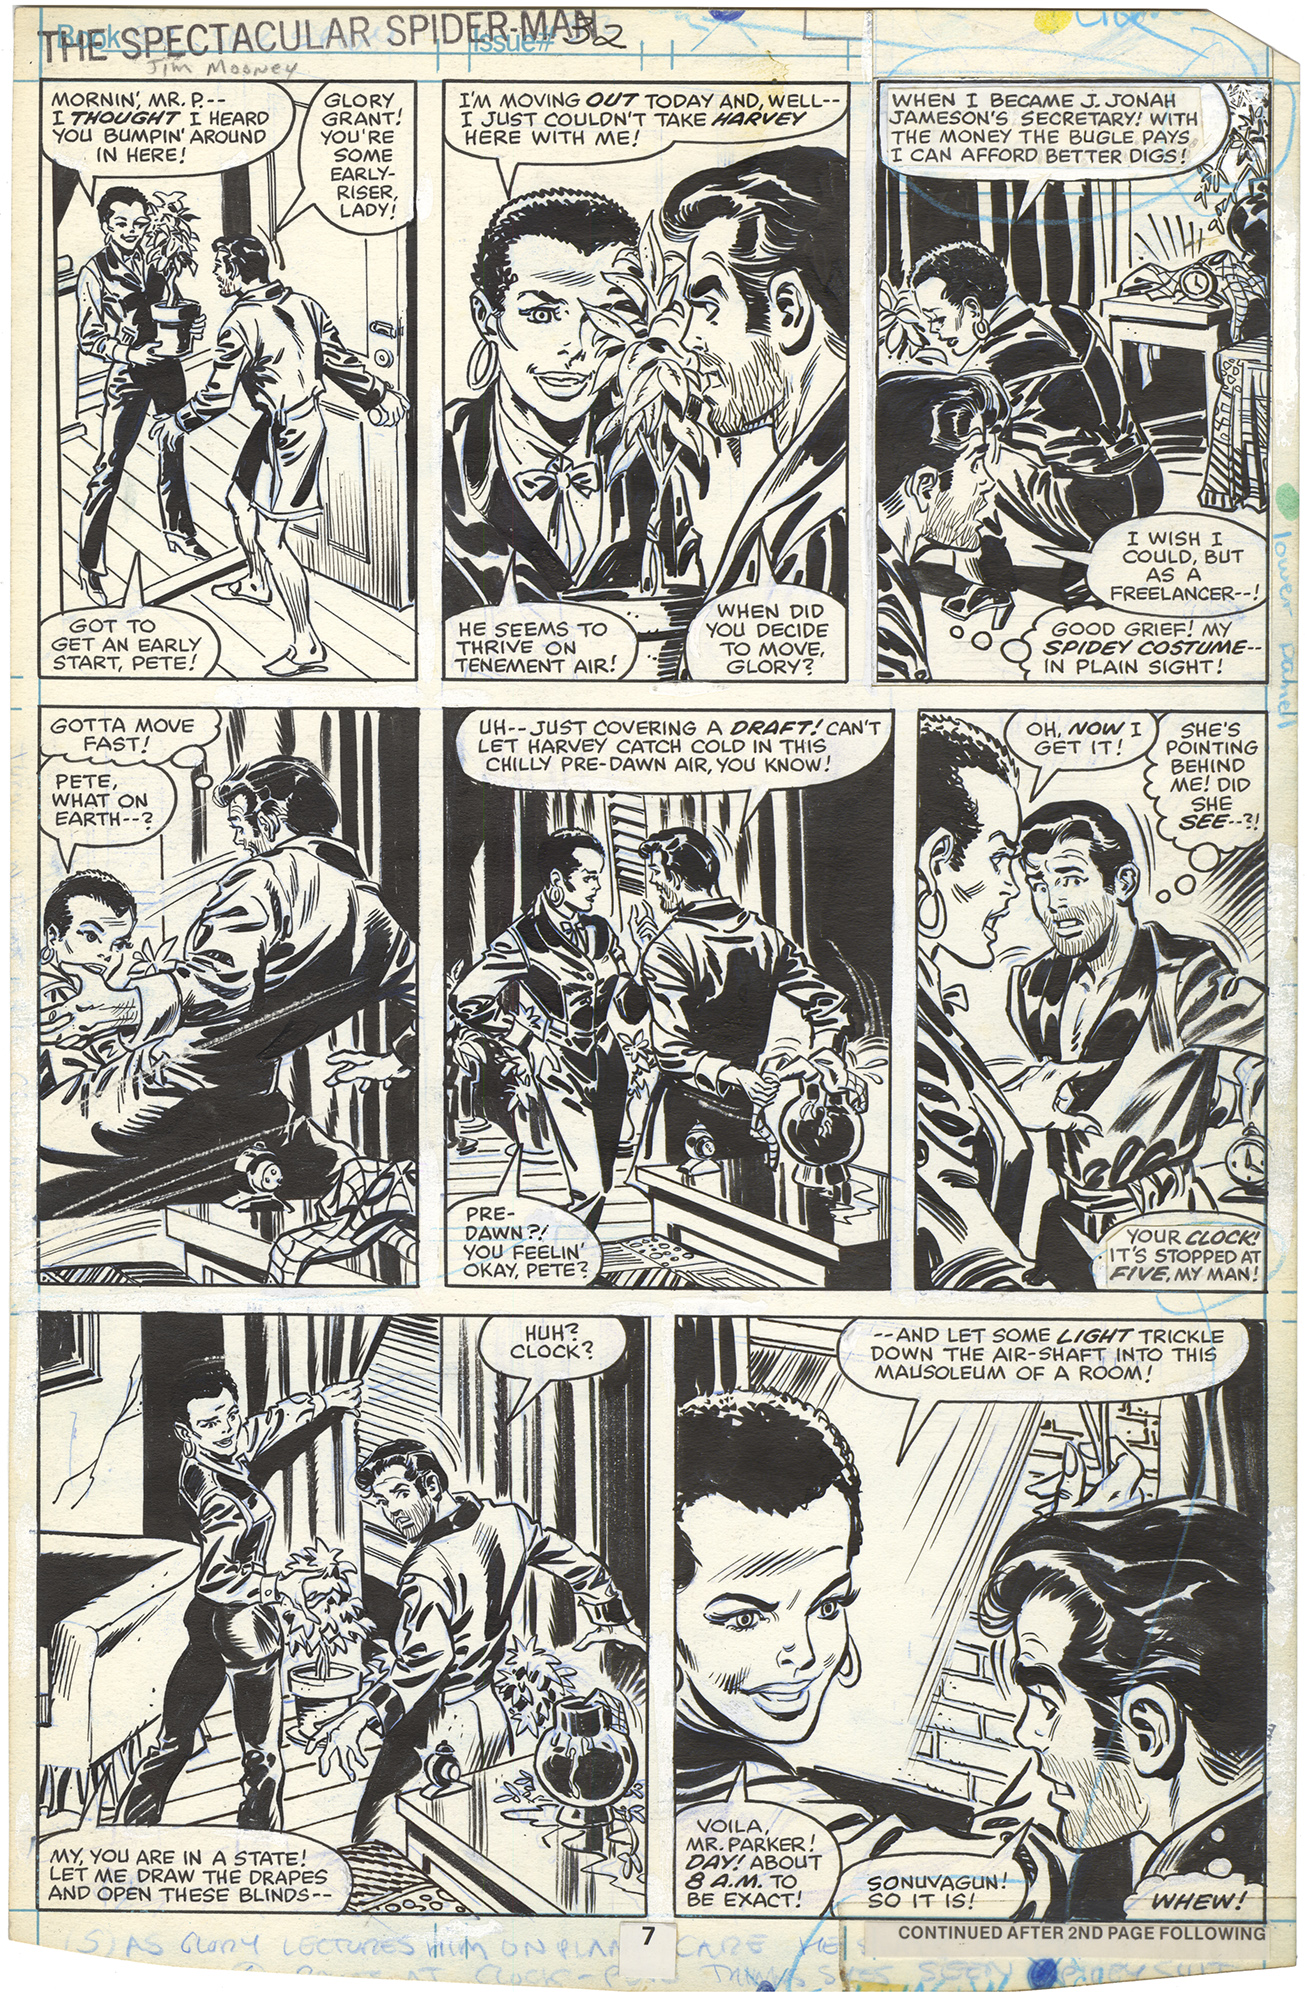 Spectacular Spider-Man #32 p7